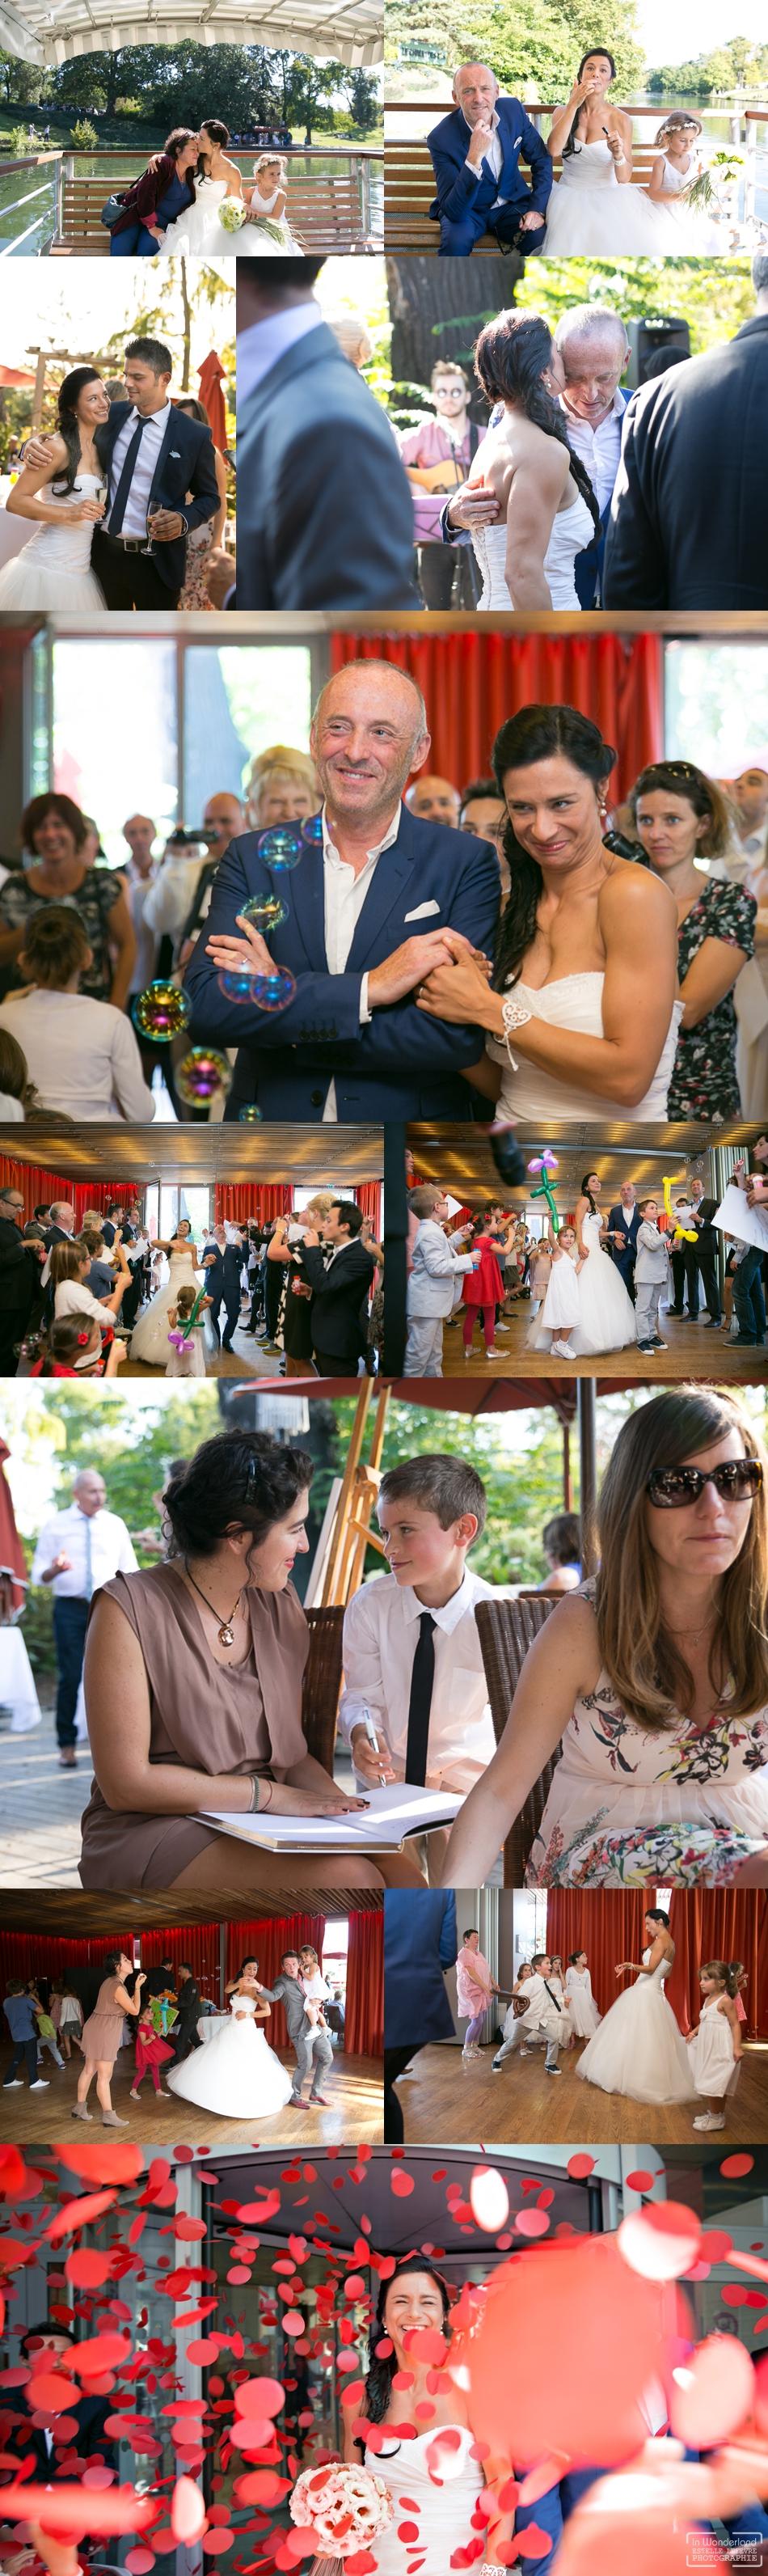 Photographe de mariage au Chalet des Iles a Paris 75